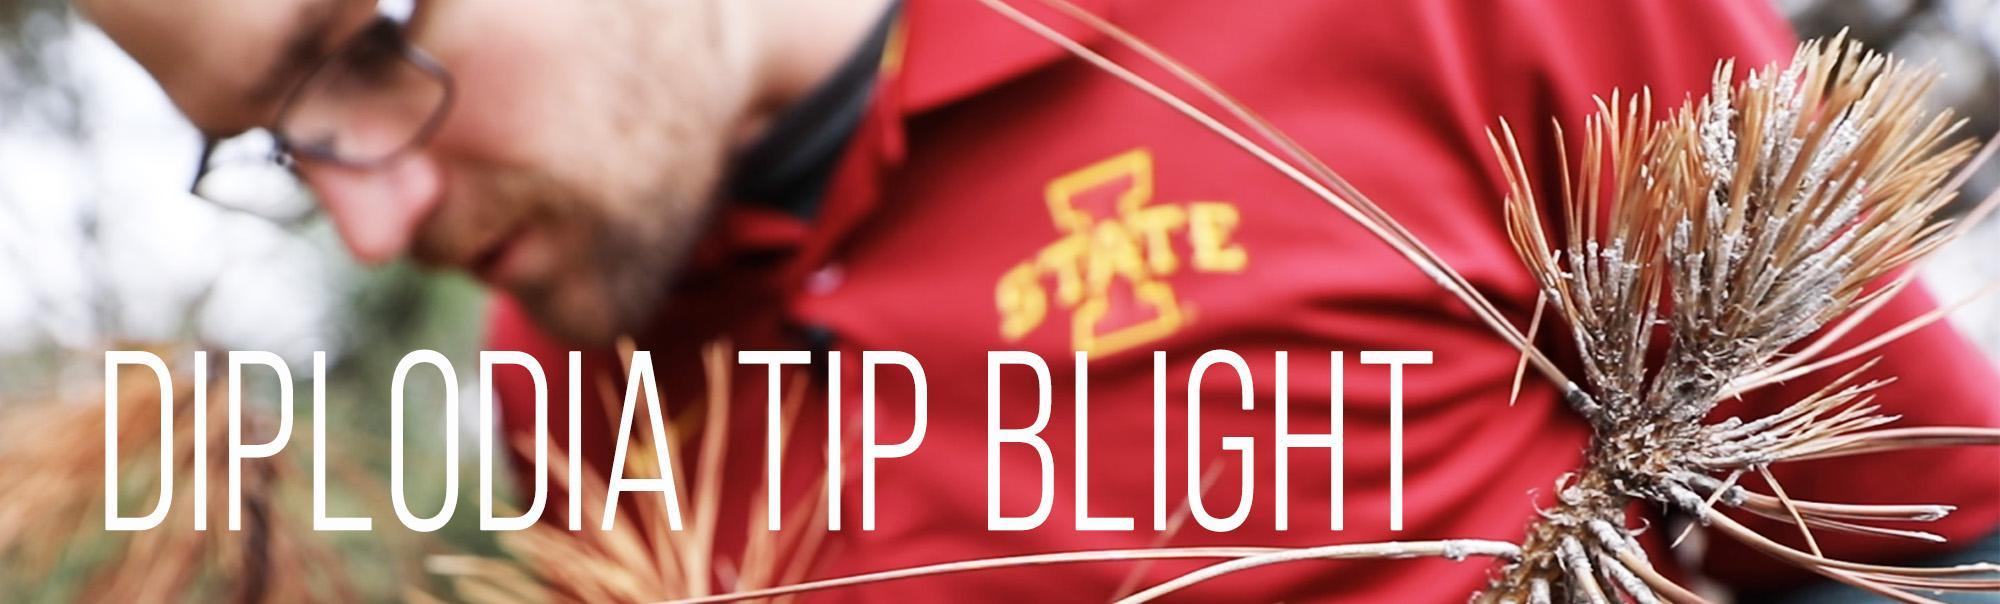 Diplodia Tip Blight